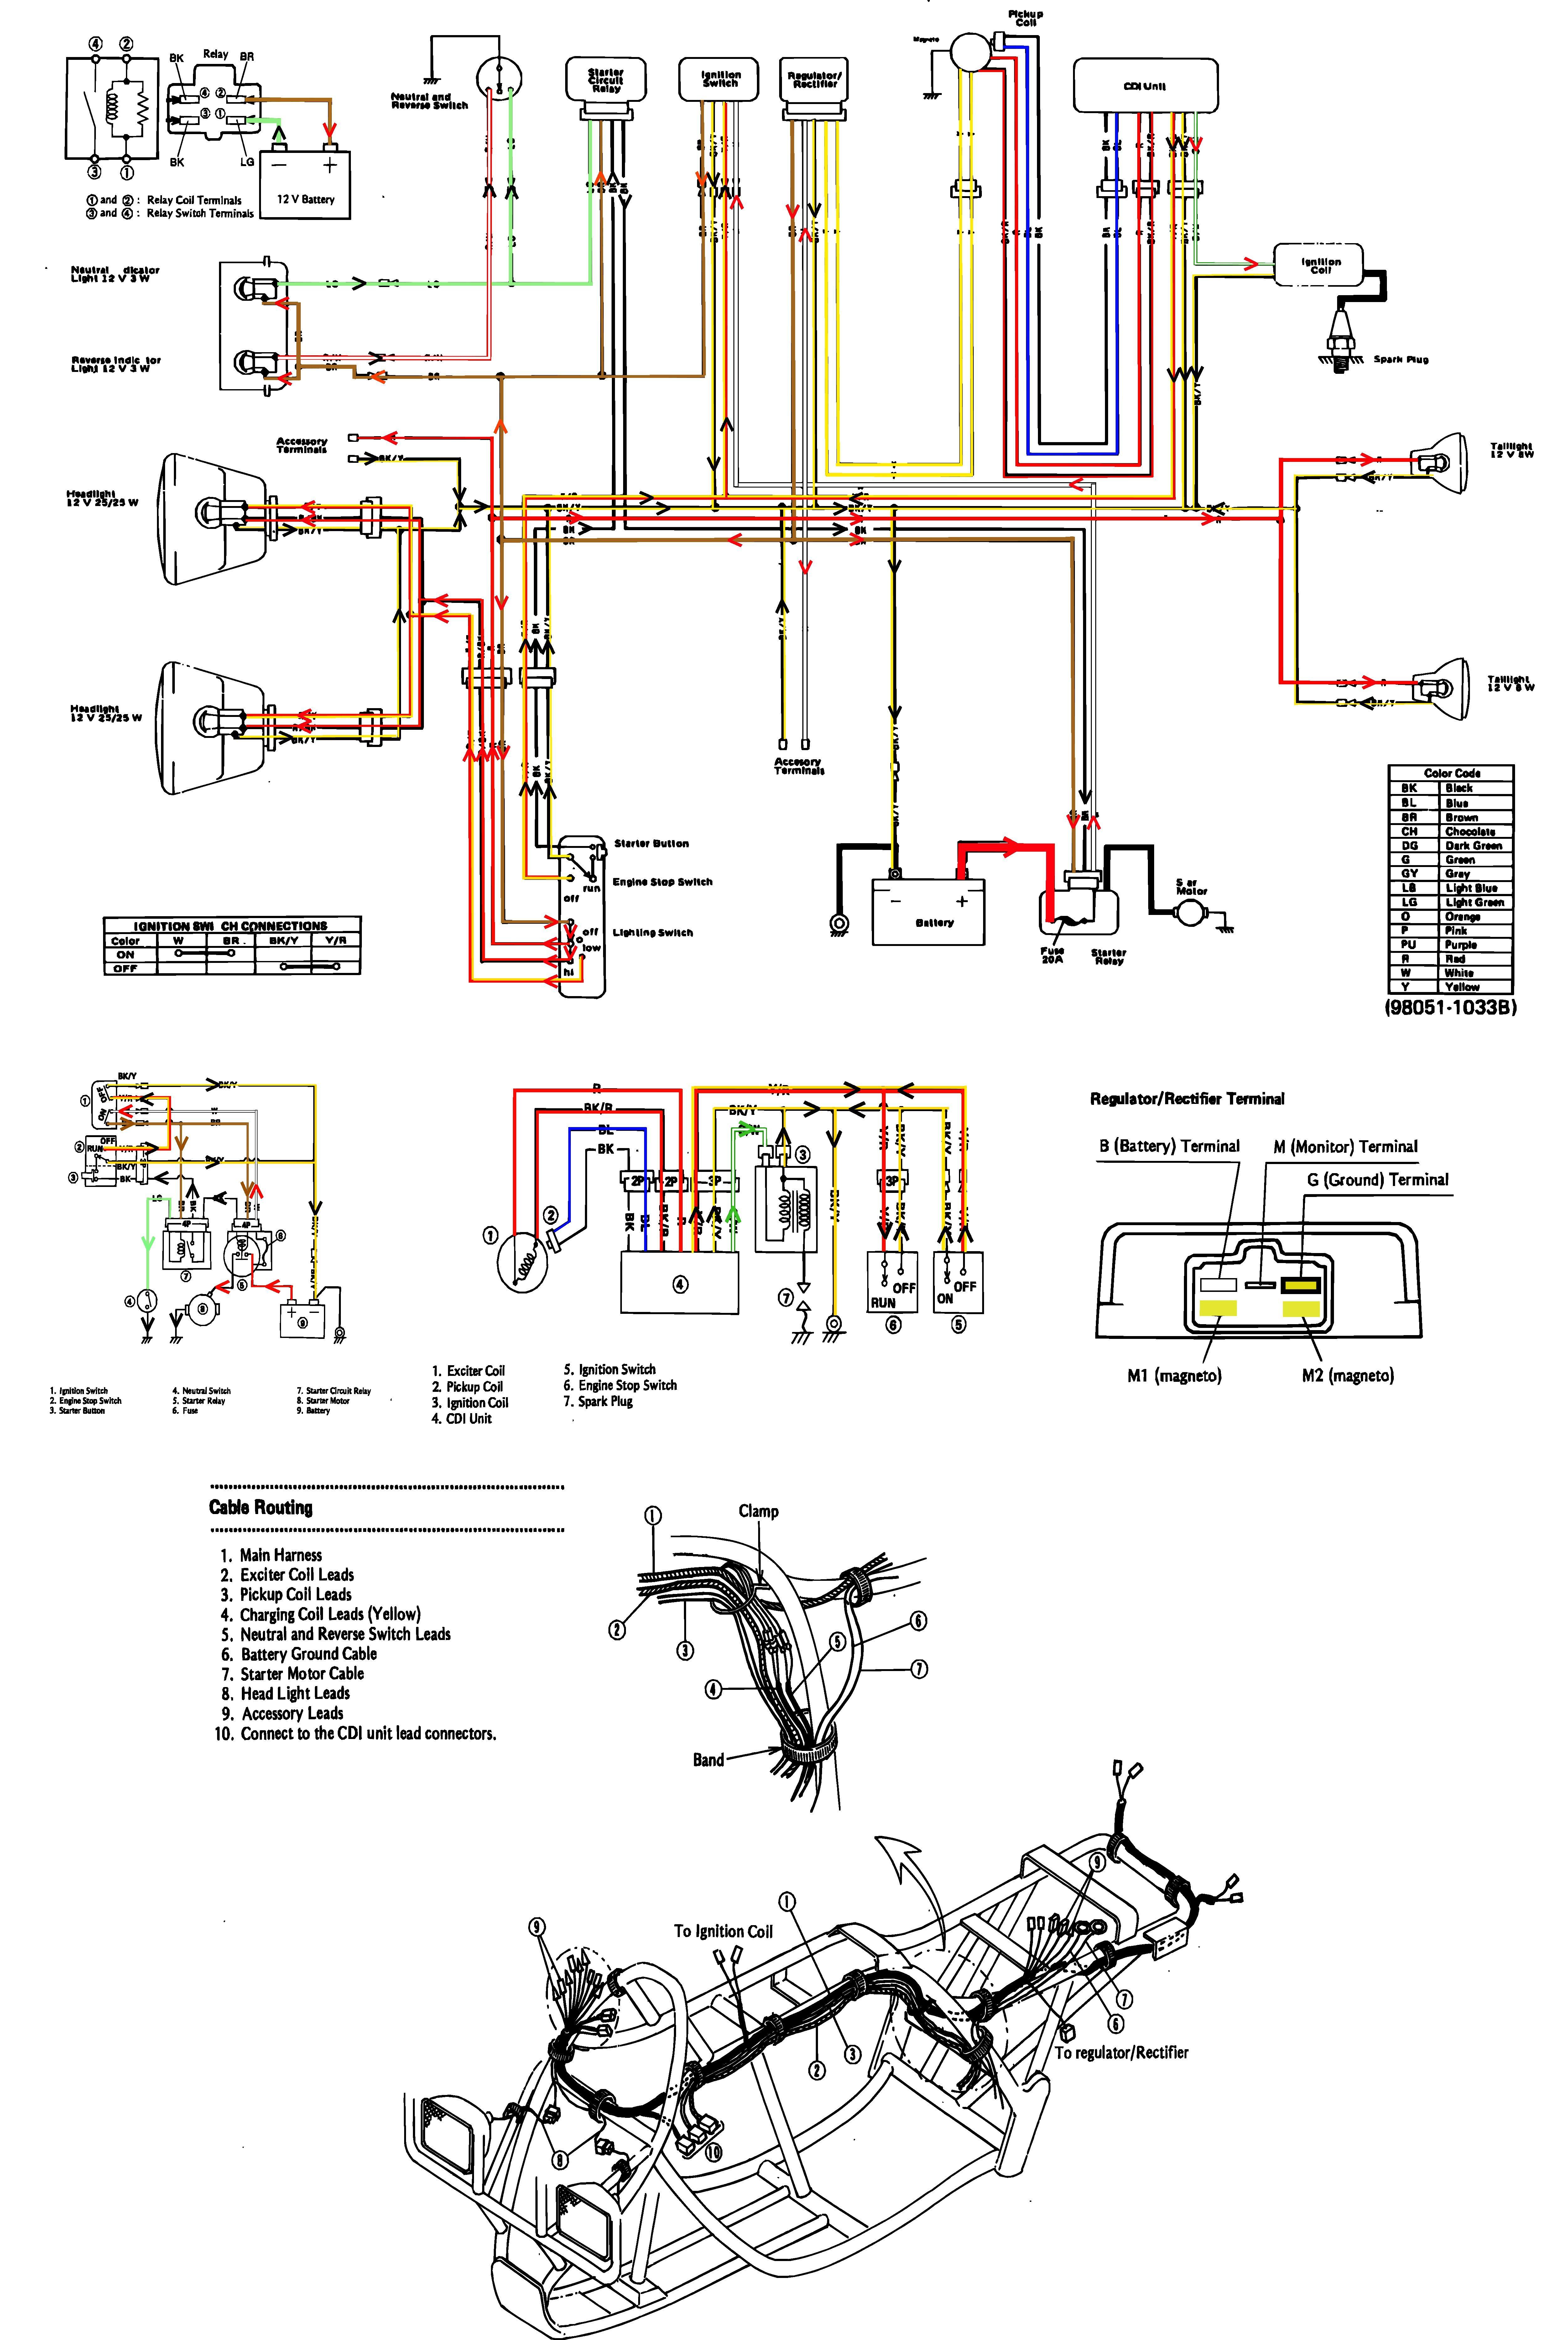 kawasaki 1988 KLF220A1 Bayou Wiring Diagram | Atvs | Atv, Cars, motorcycles, Motorcycle